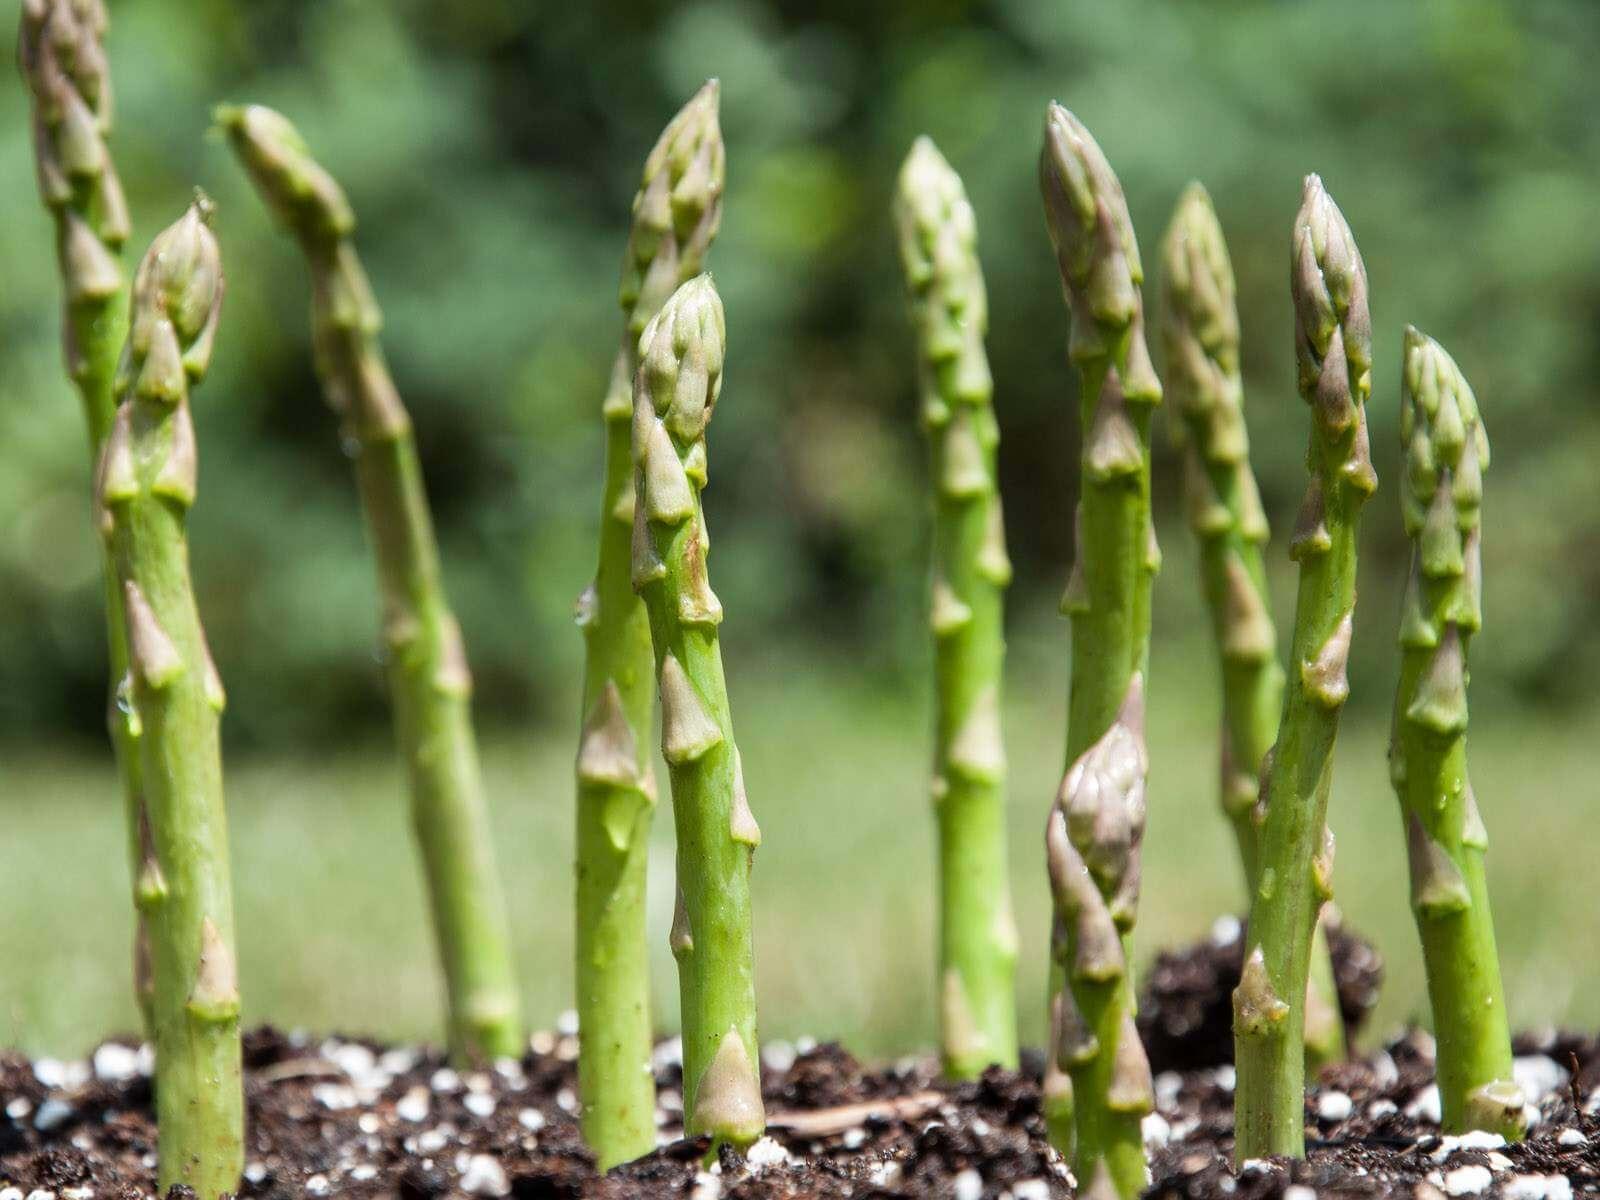 Comment Planter Des Asperges comment faire pousser les asperges, astuces pour cultiver